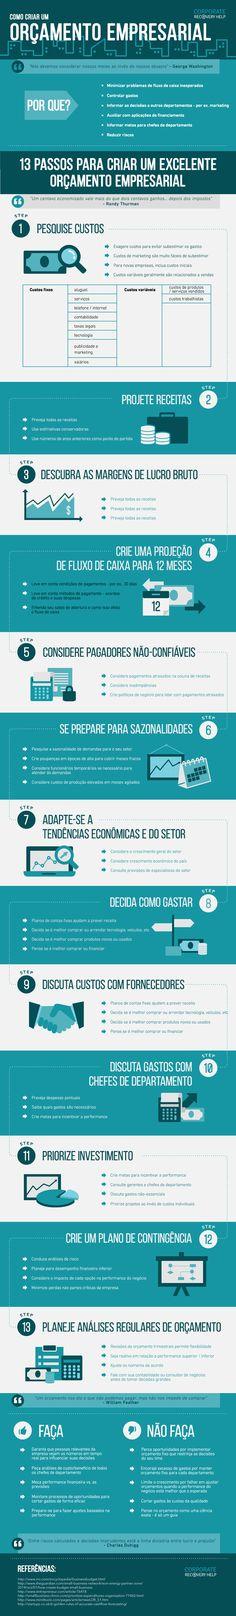 Infográfico: como criar um orçamento empresarial para o seu negócio | tutano